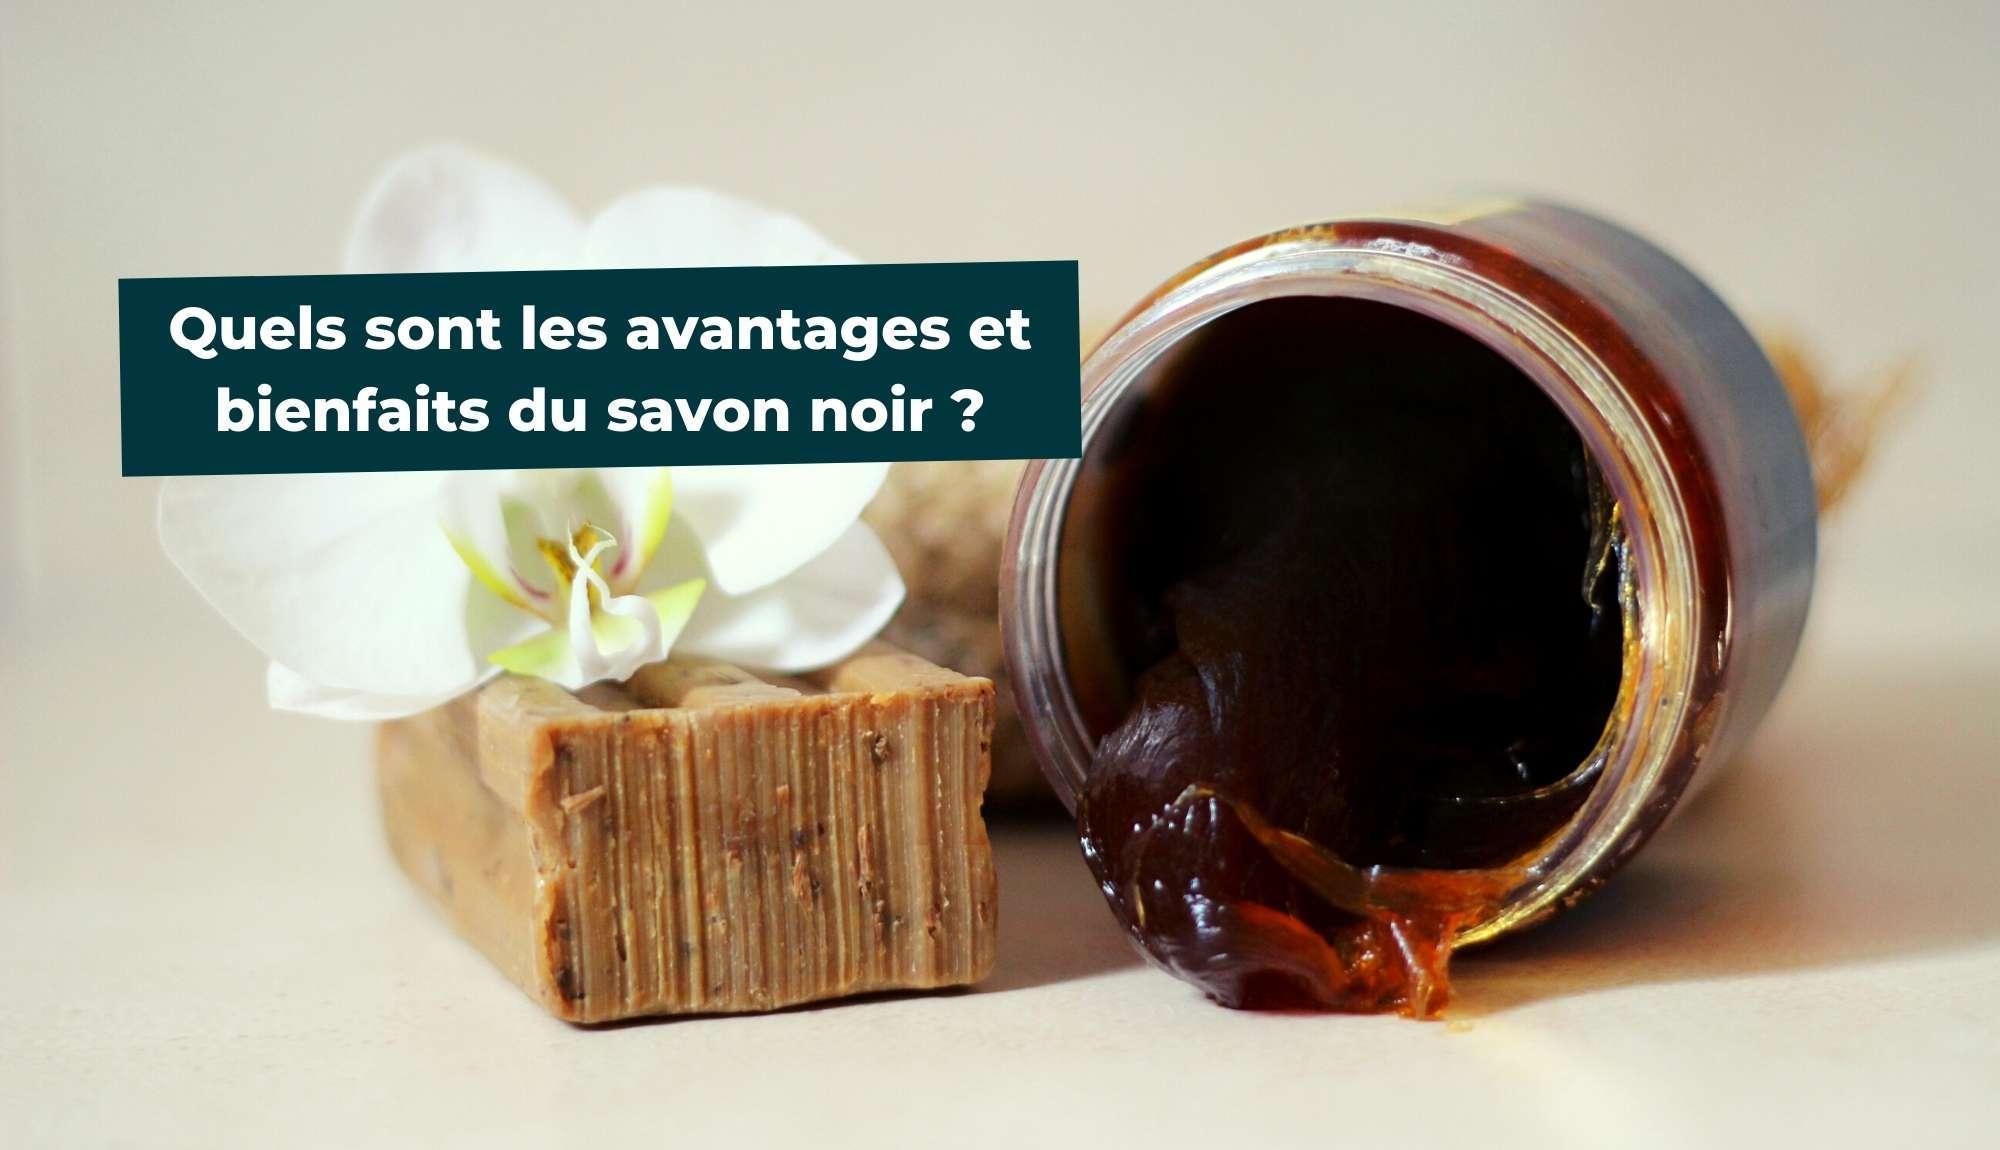 Quels sont les avantages et bienfaits du savon noir ?